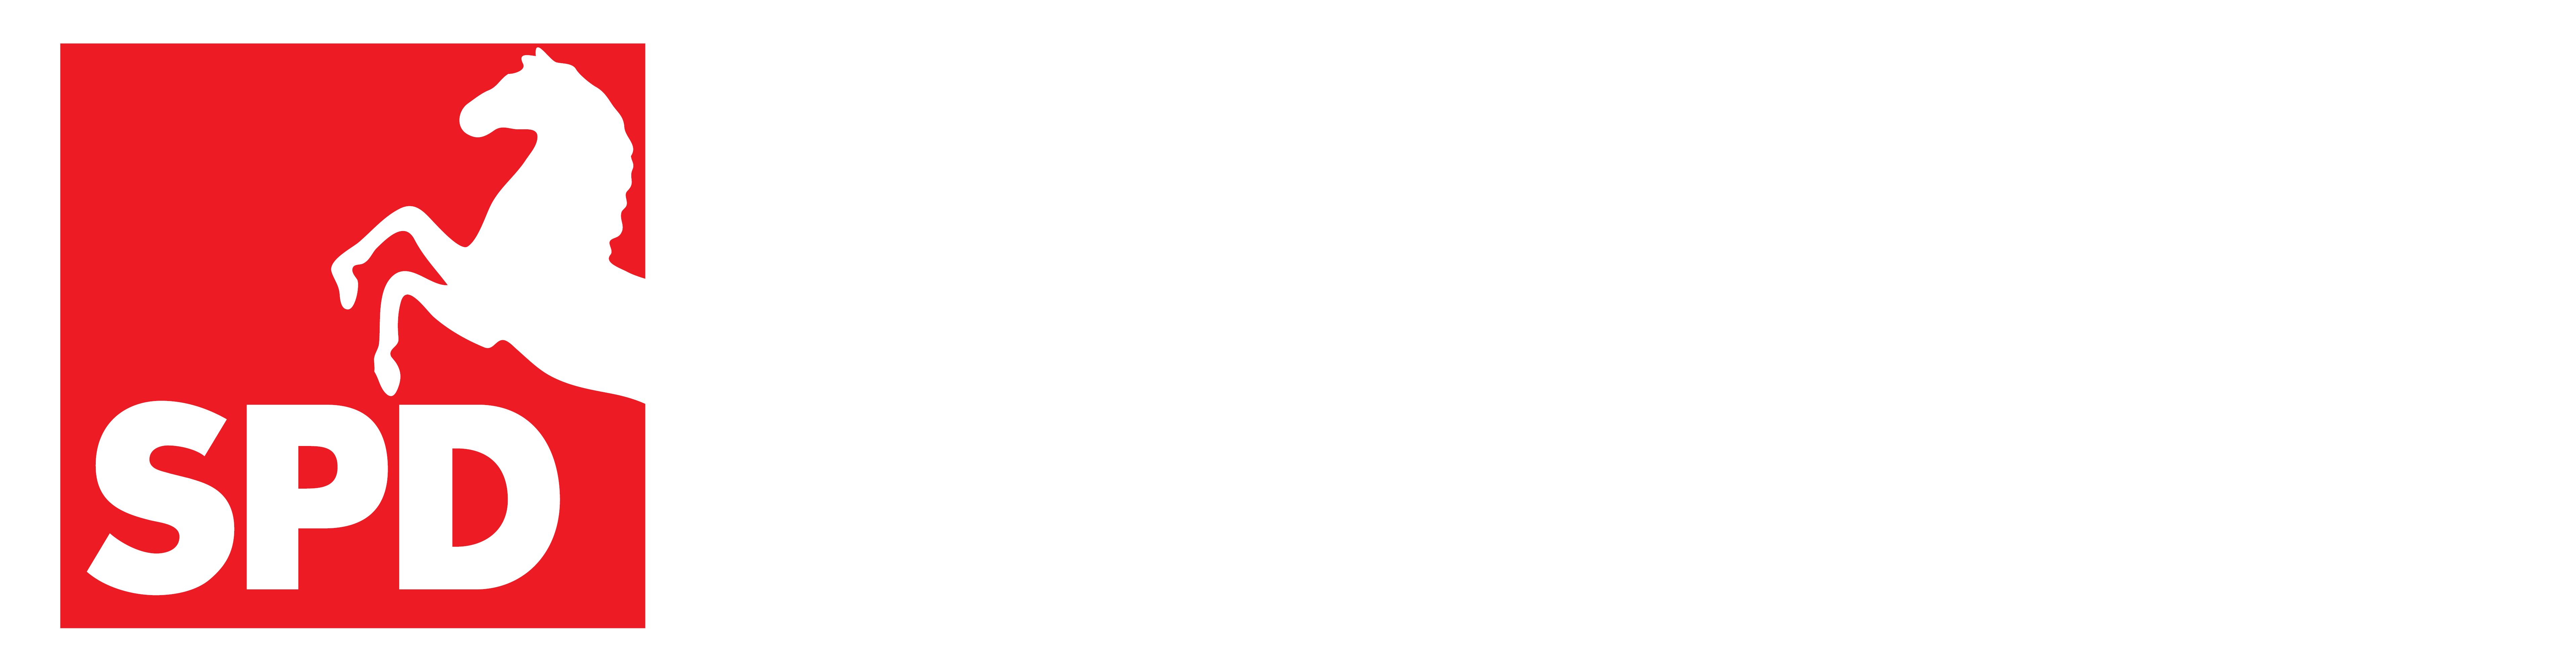 Frank Henning – Einer von uns!